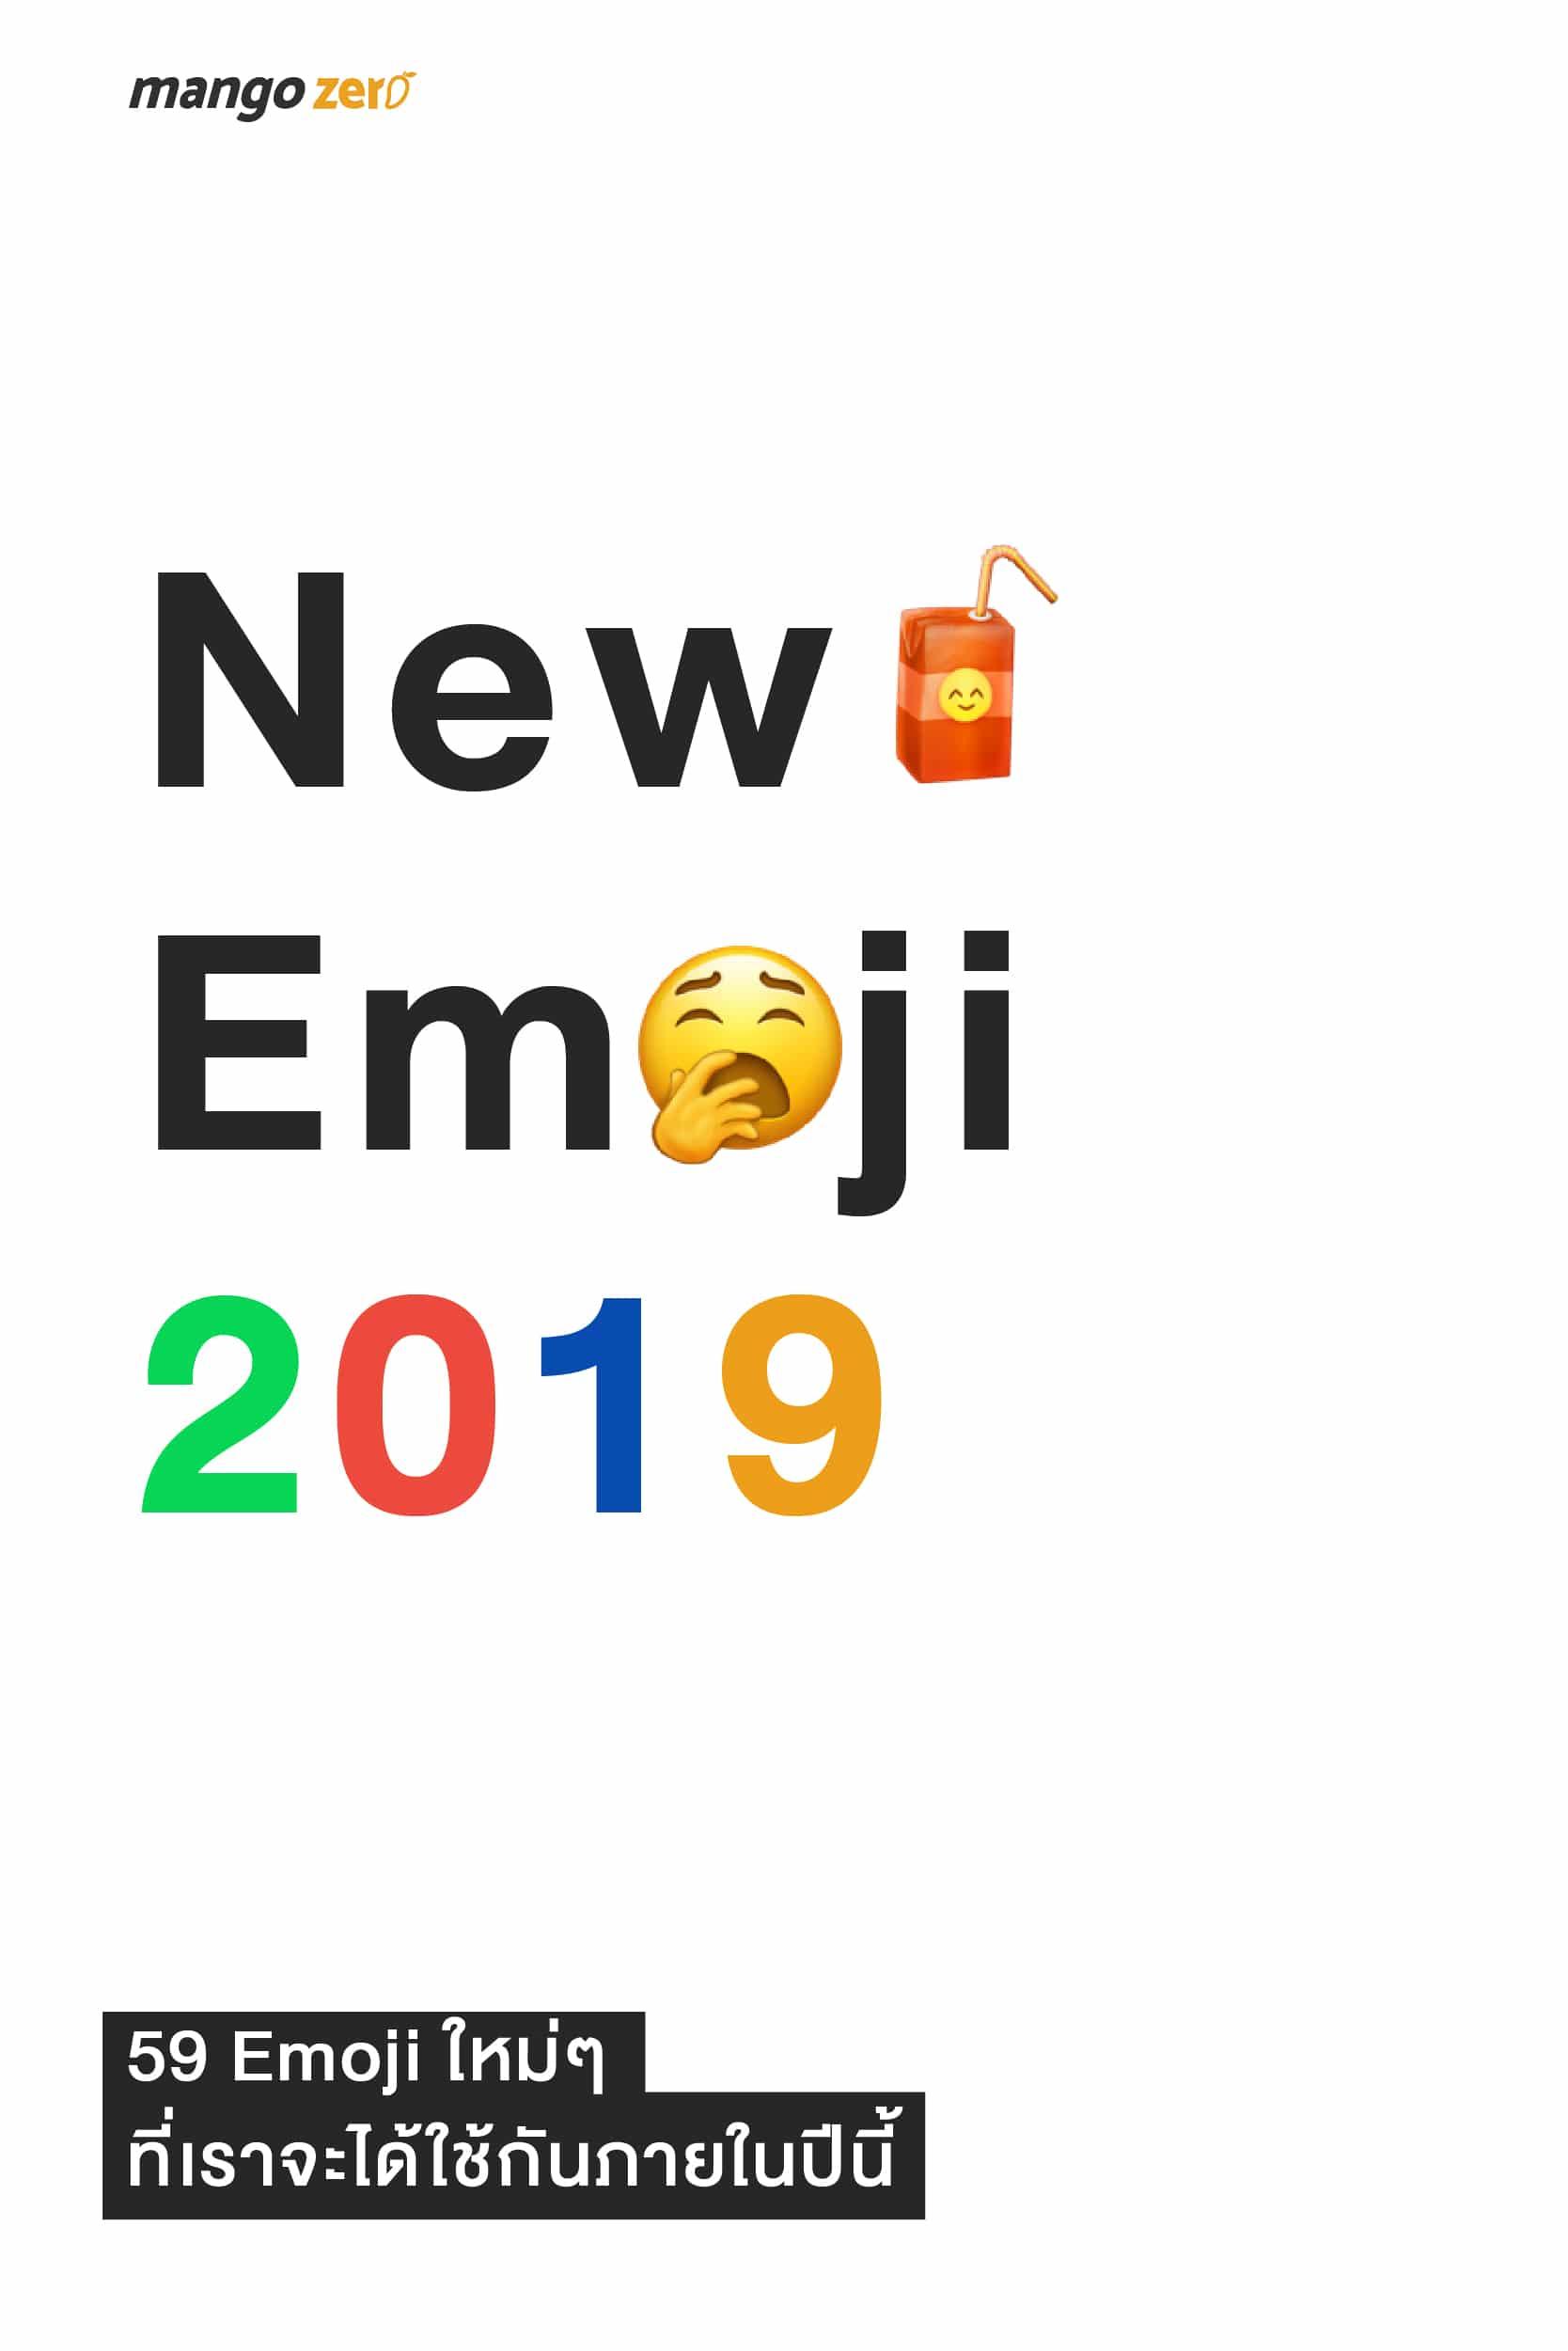 new-emoji-2019-08 - Mango Zero